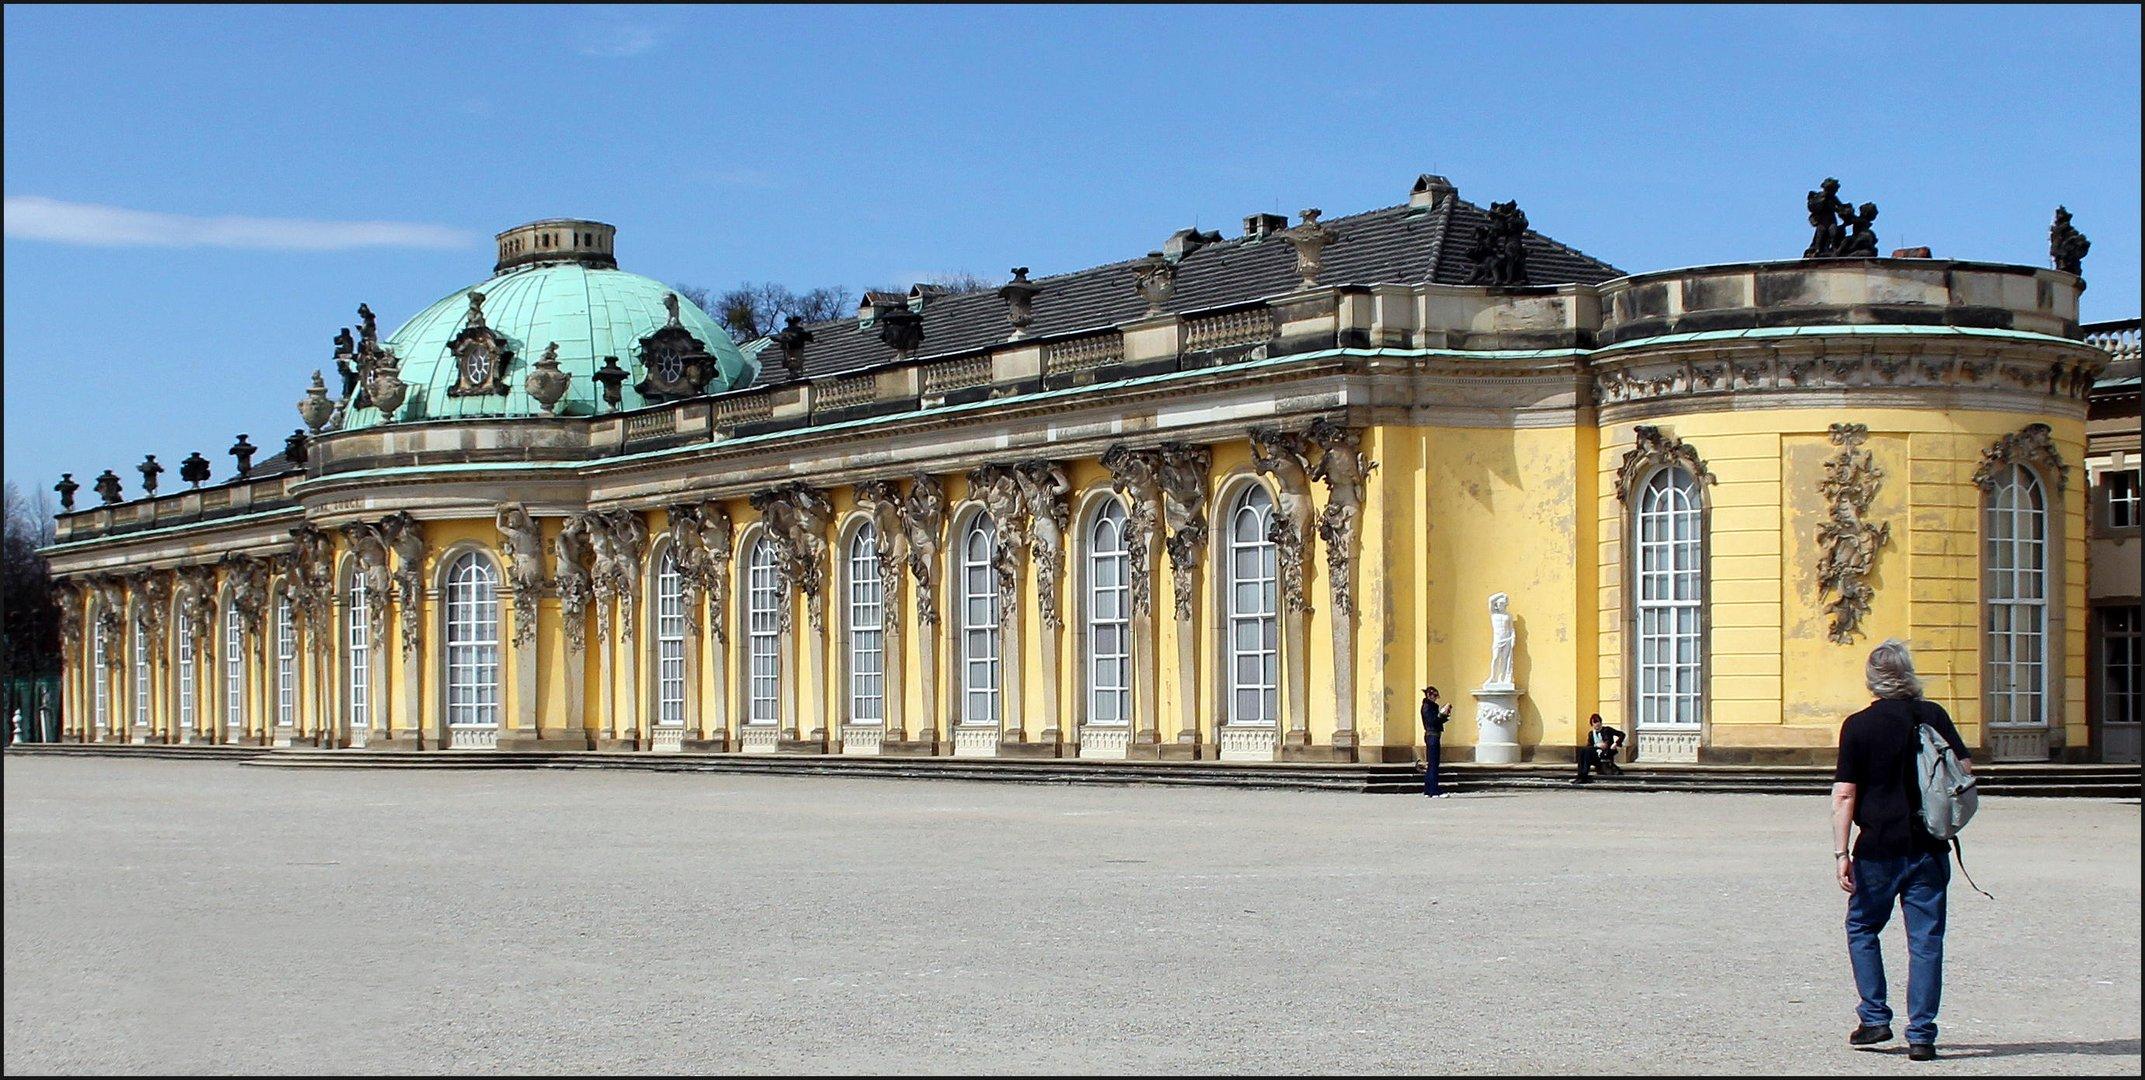 Eines der berühmten Schlösser in Potsdam